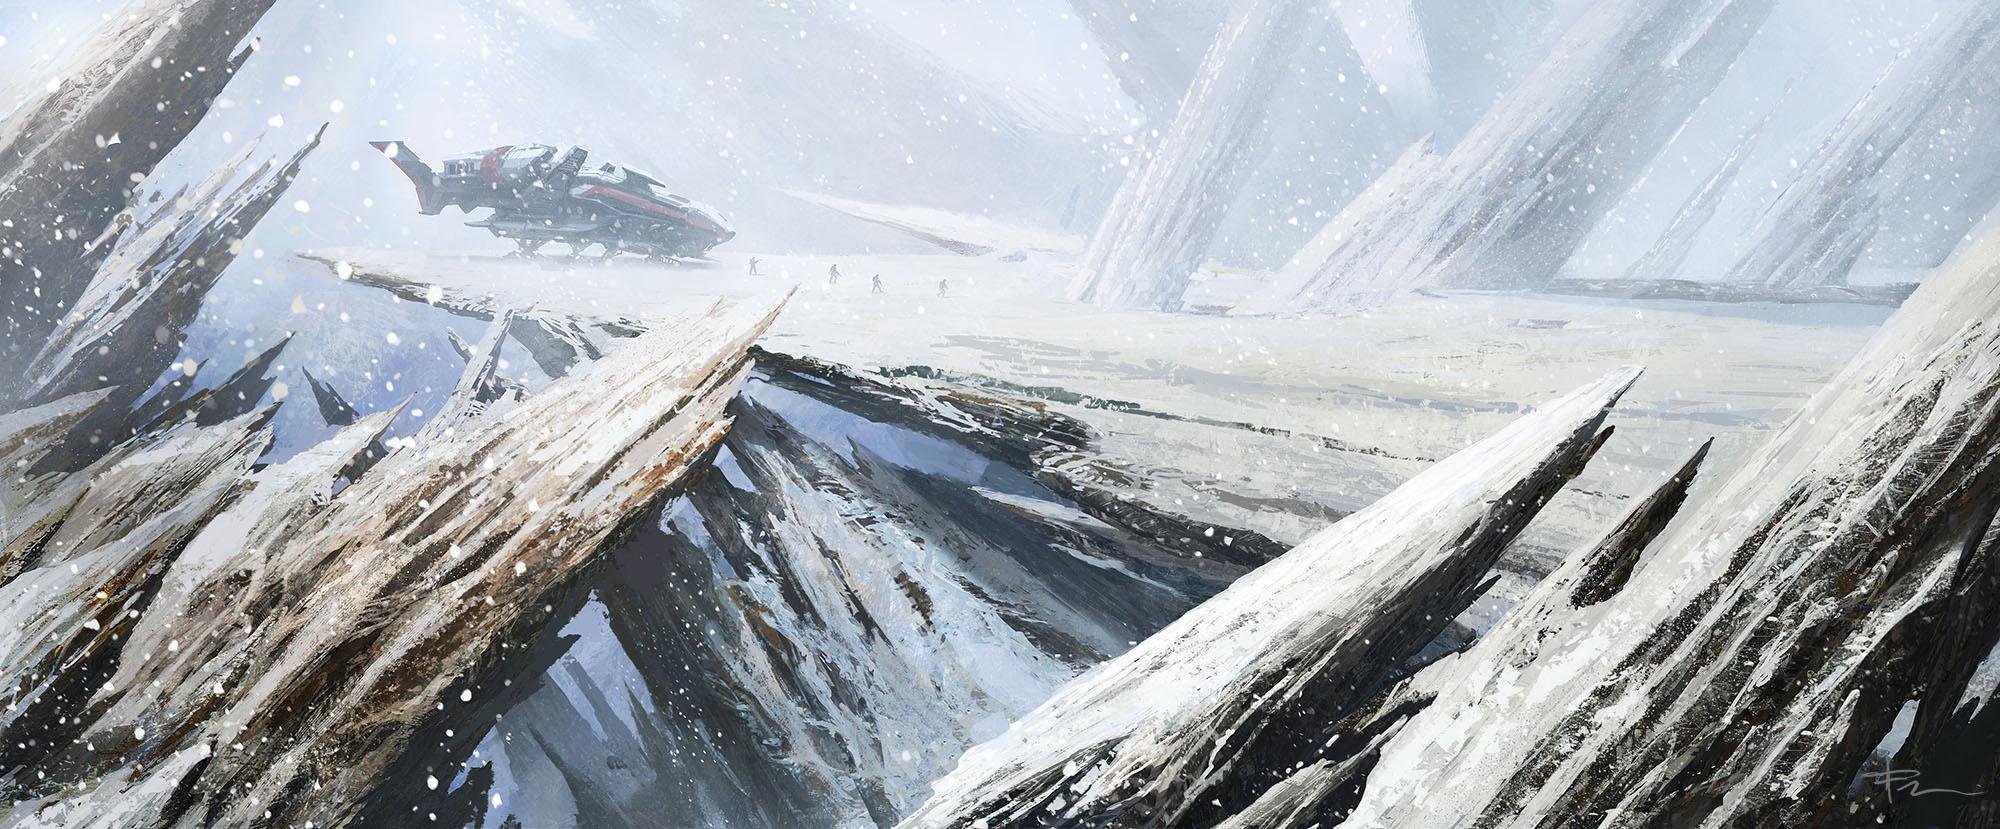 TJFRame-Art_Evolve_IceShardLanding.jpg